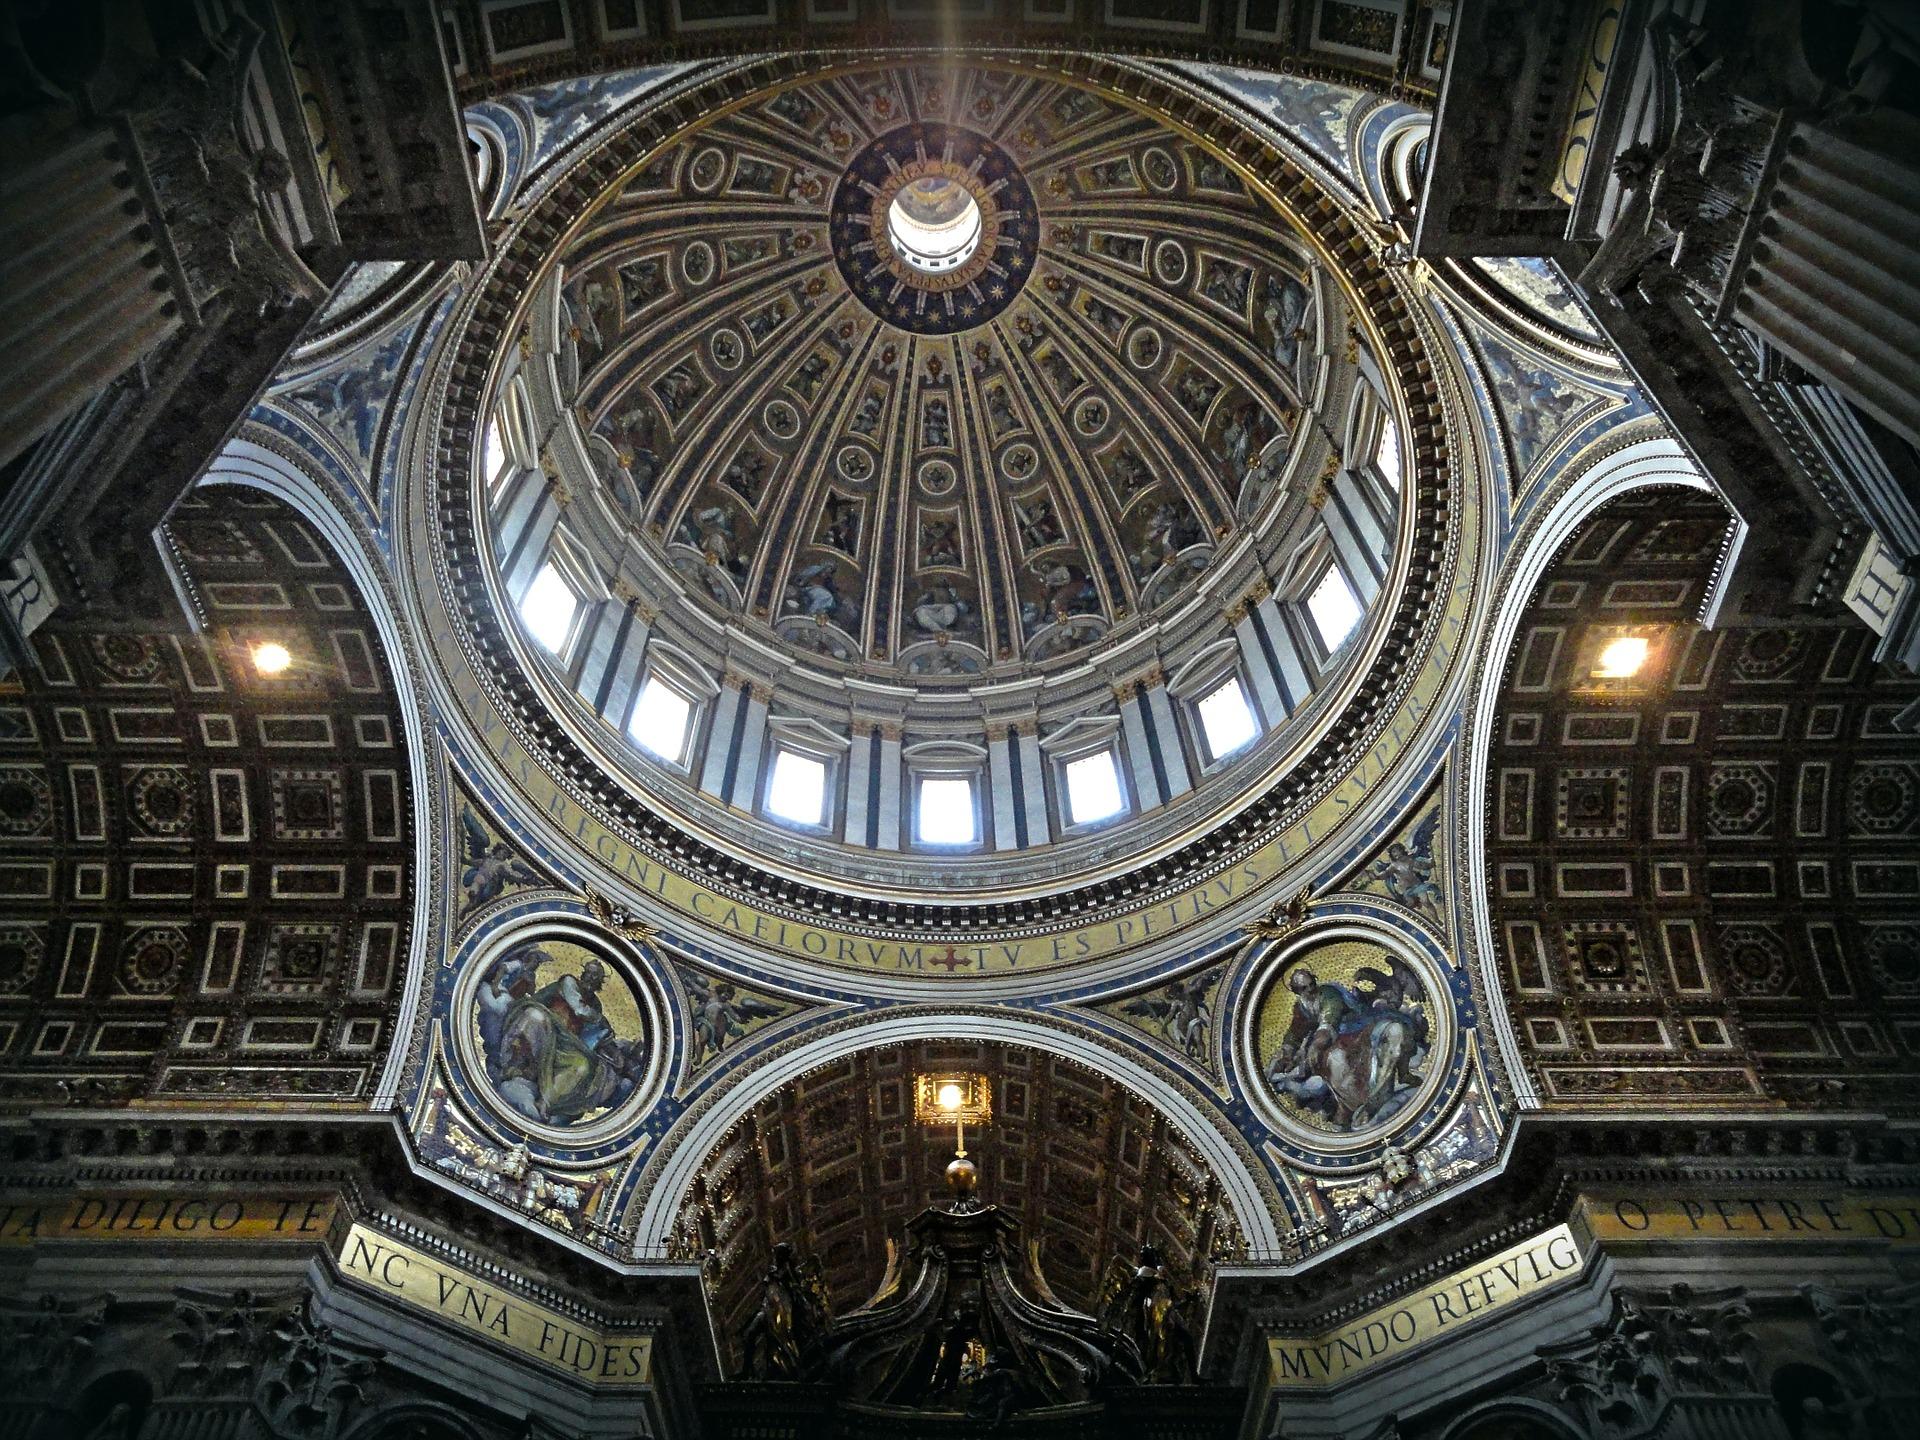 monumenti italiani più visitati quali sono lista